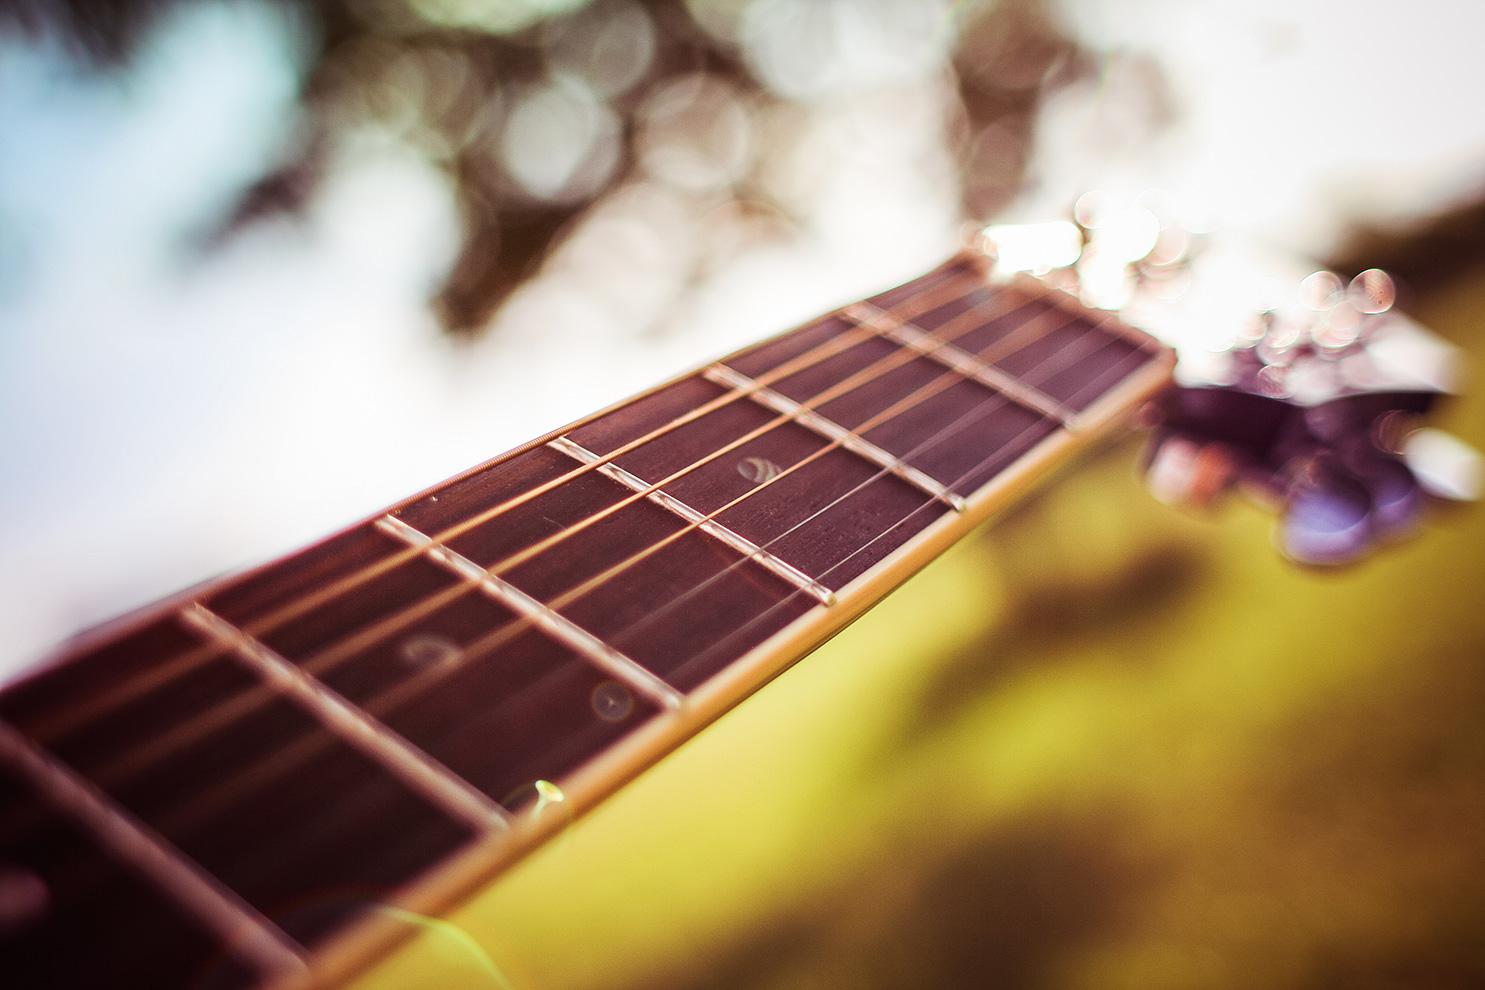 guitar-strings-detail-picjumbo-com